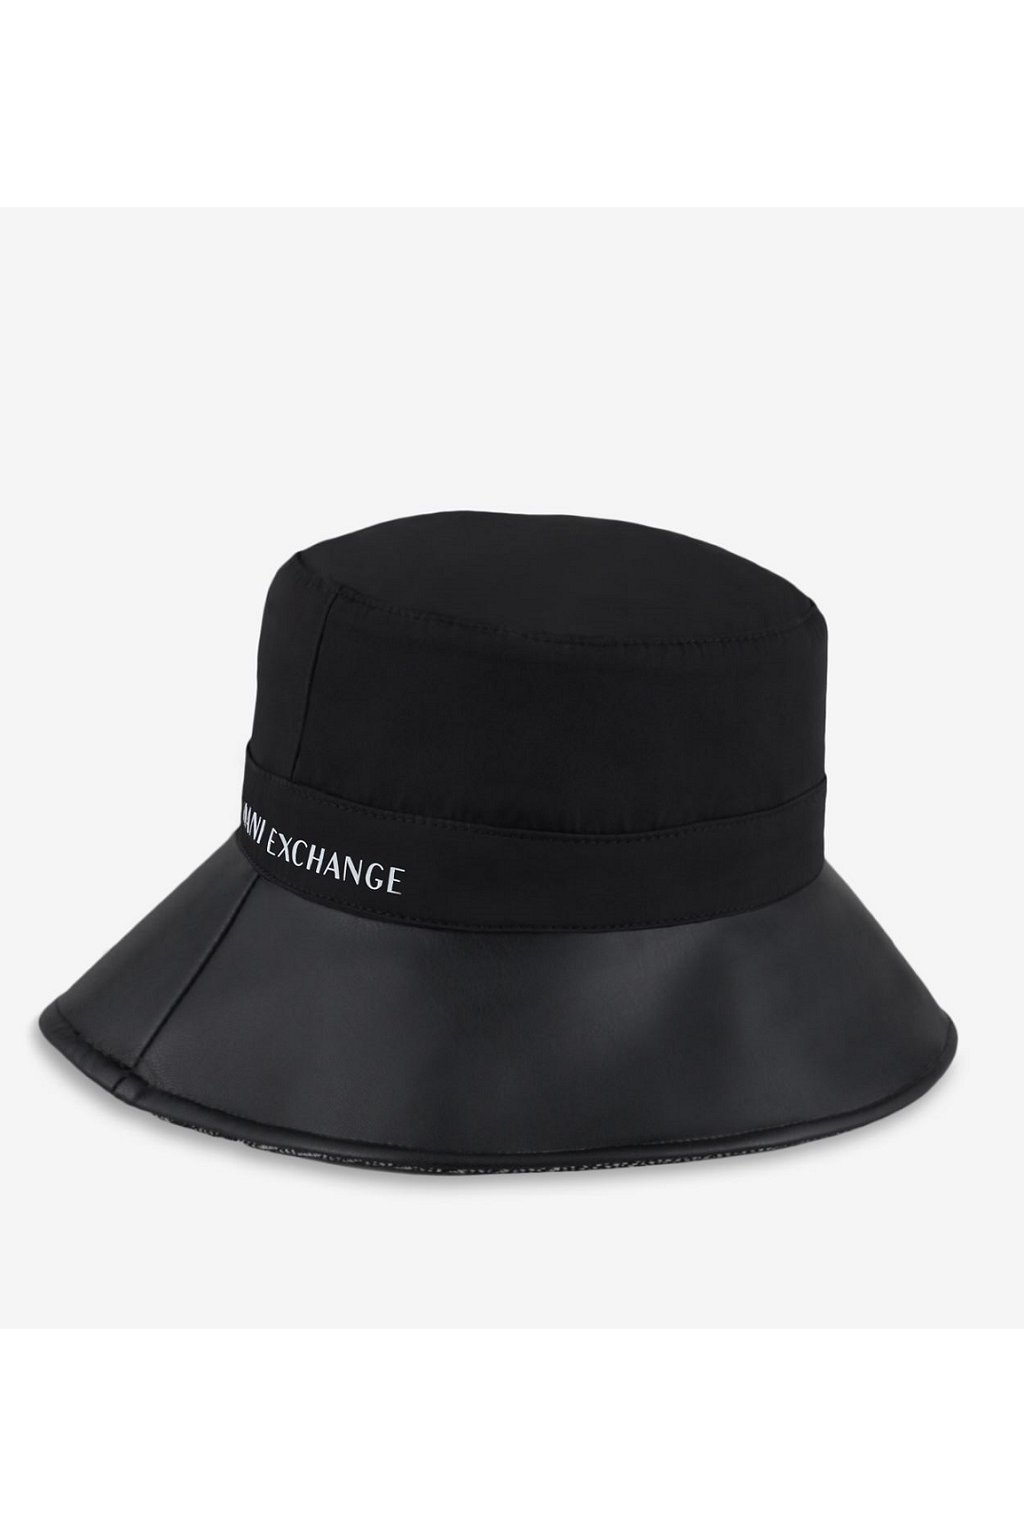 Dámský klobouk Armani Exchange 944160 1A104 černý